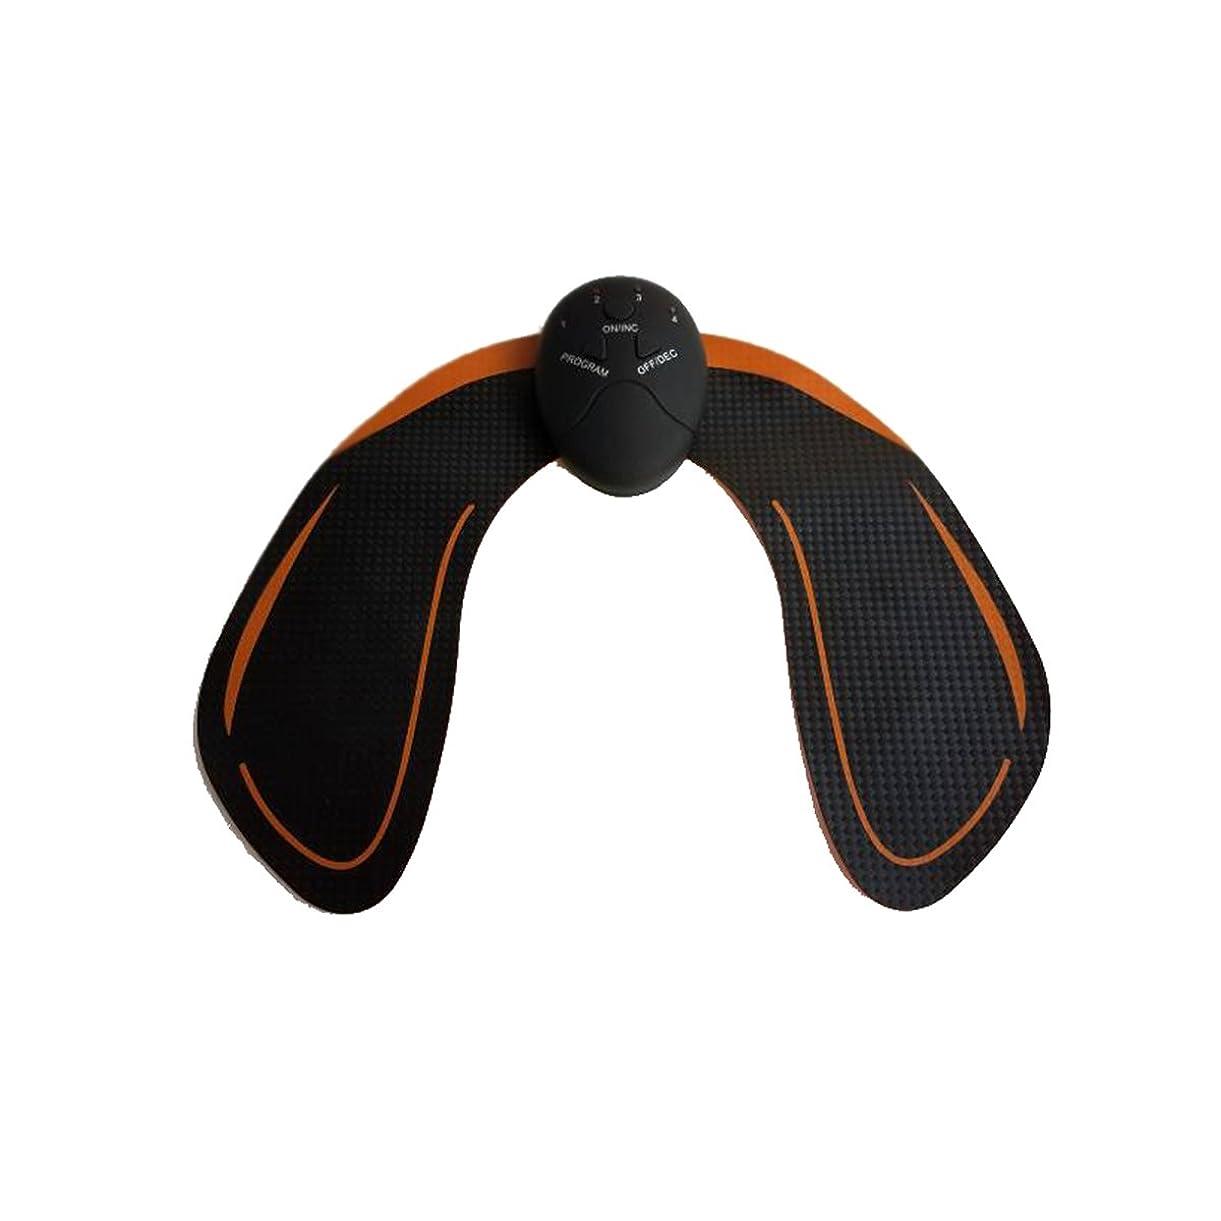 パフ背の高いダイヤモンドHealifty EMS トレーニングパッド ヒップアップ お尻専用 多機能 筋トレ器具 ダイエット 筋肉振動 引き締める 強さ階段調節 電池式 男女兼用(黒)